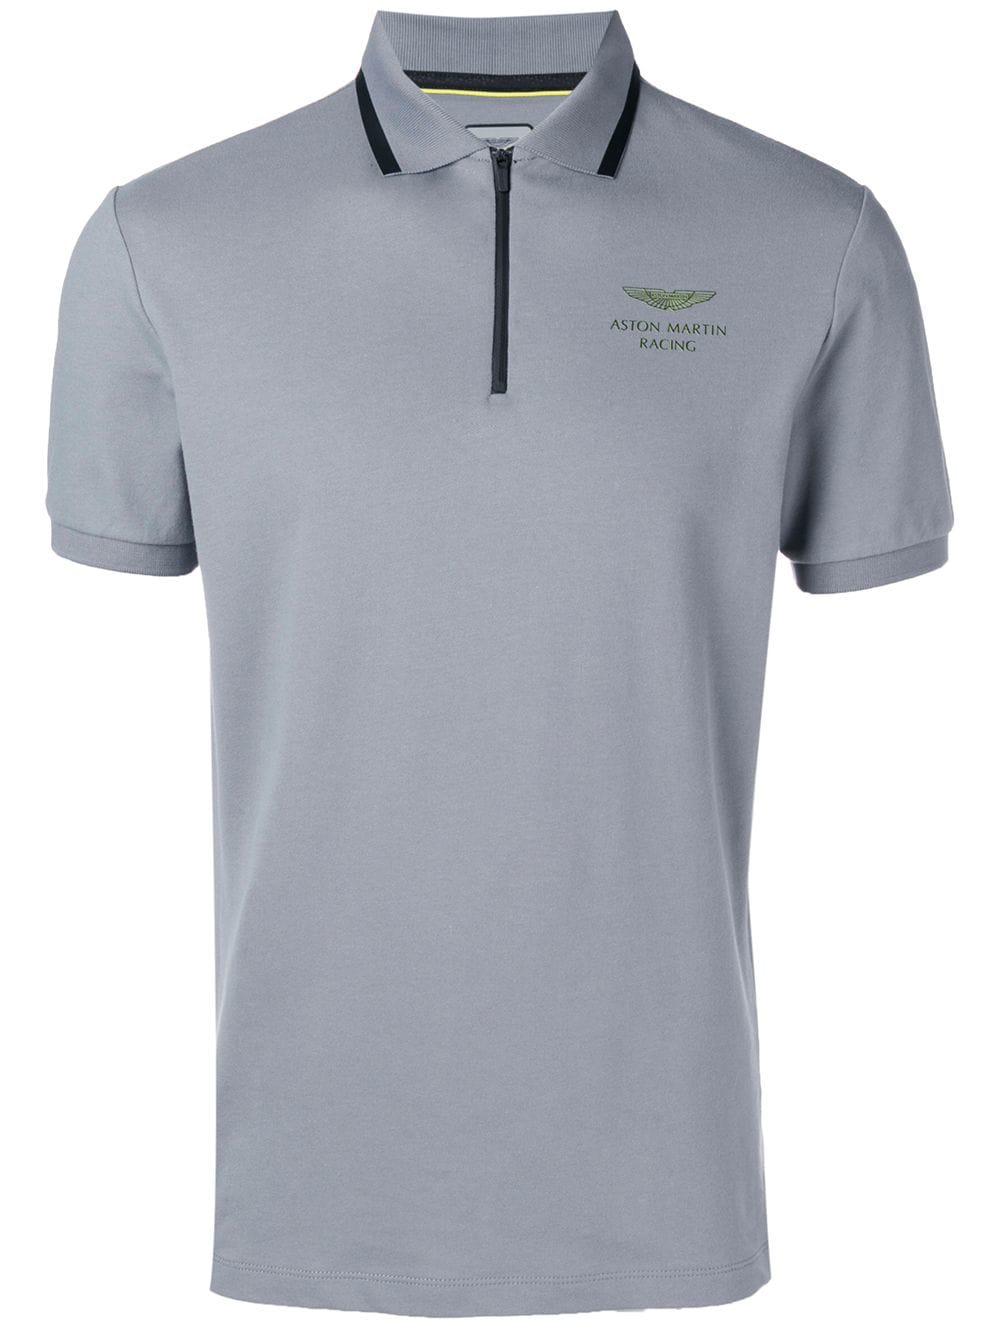 44cc5ea98d0 Hackett Aston Martin Polo Shirt - Grey